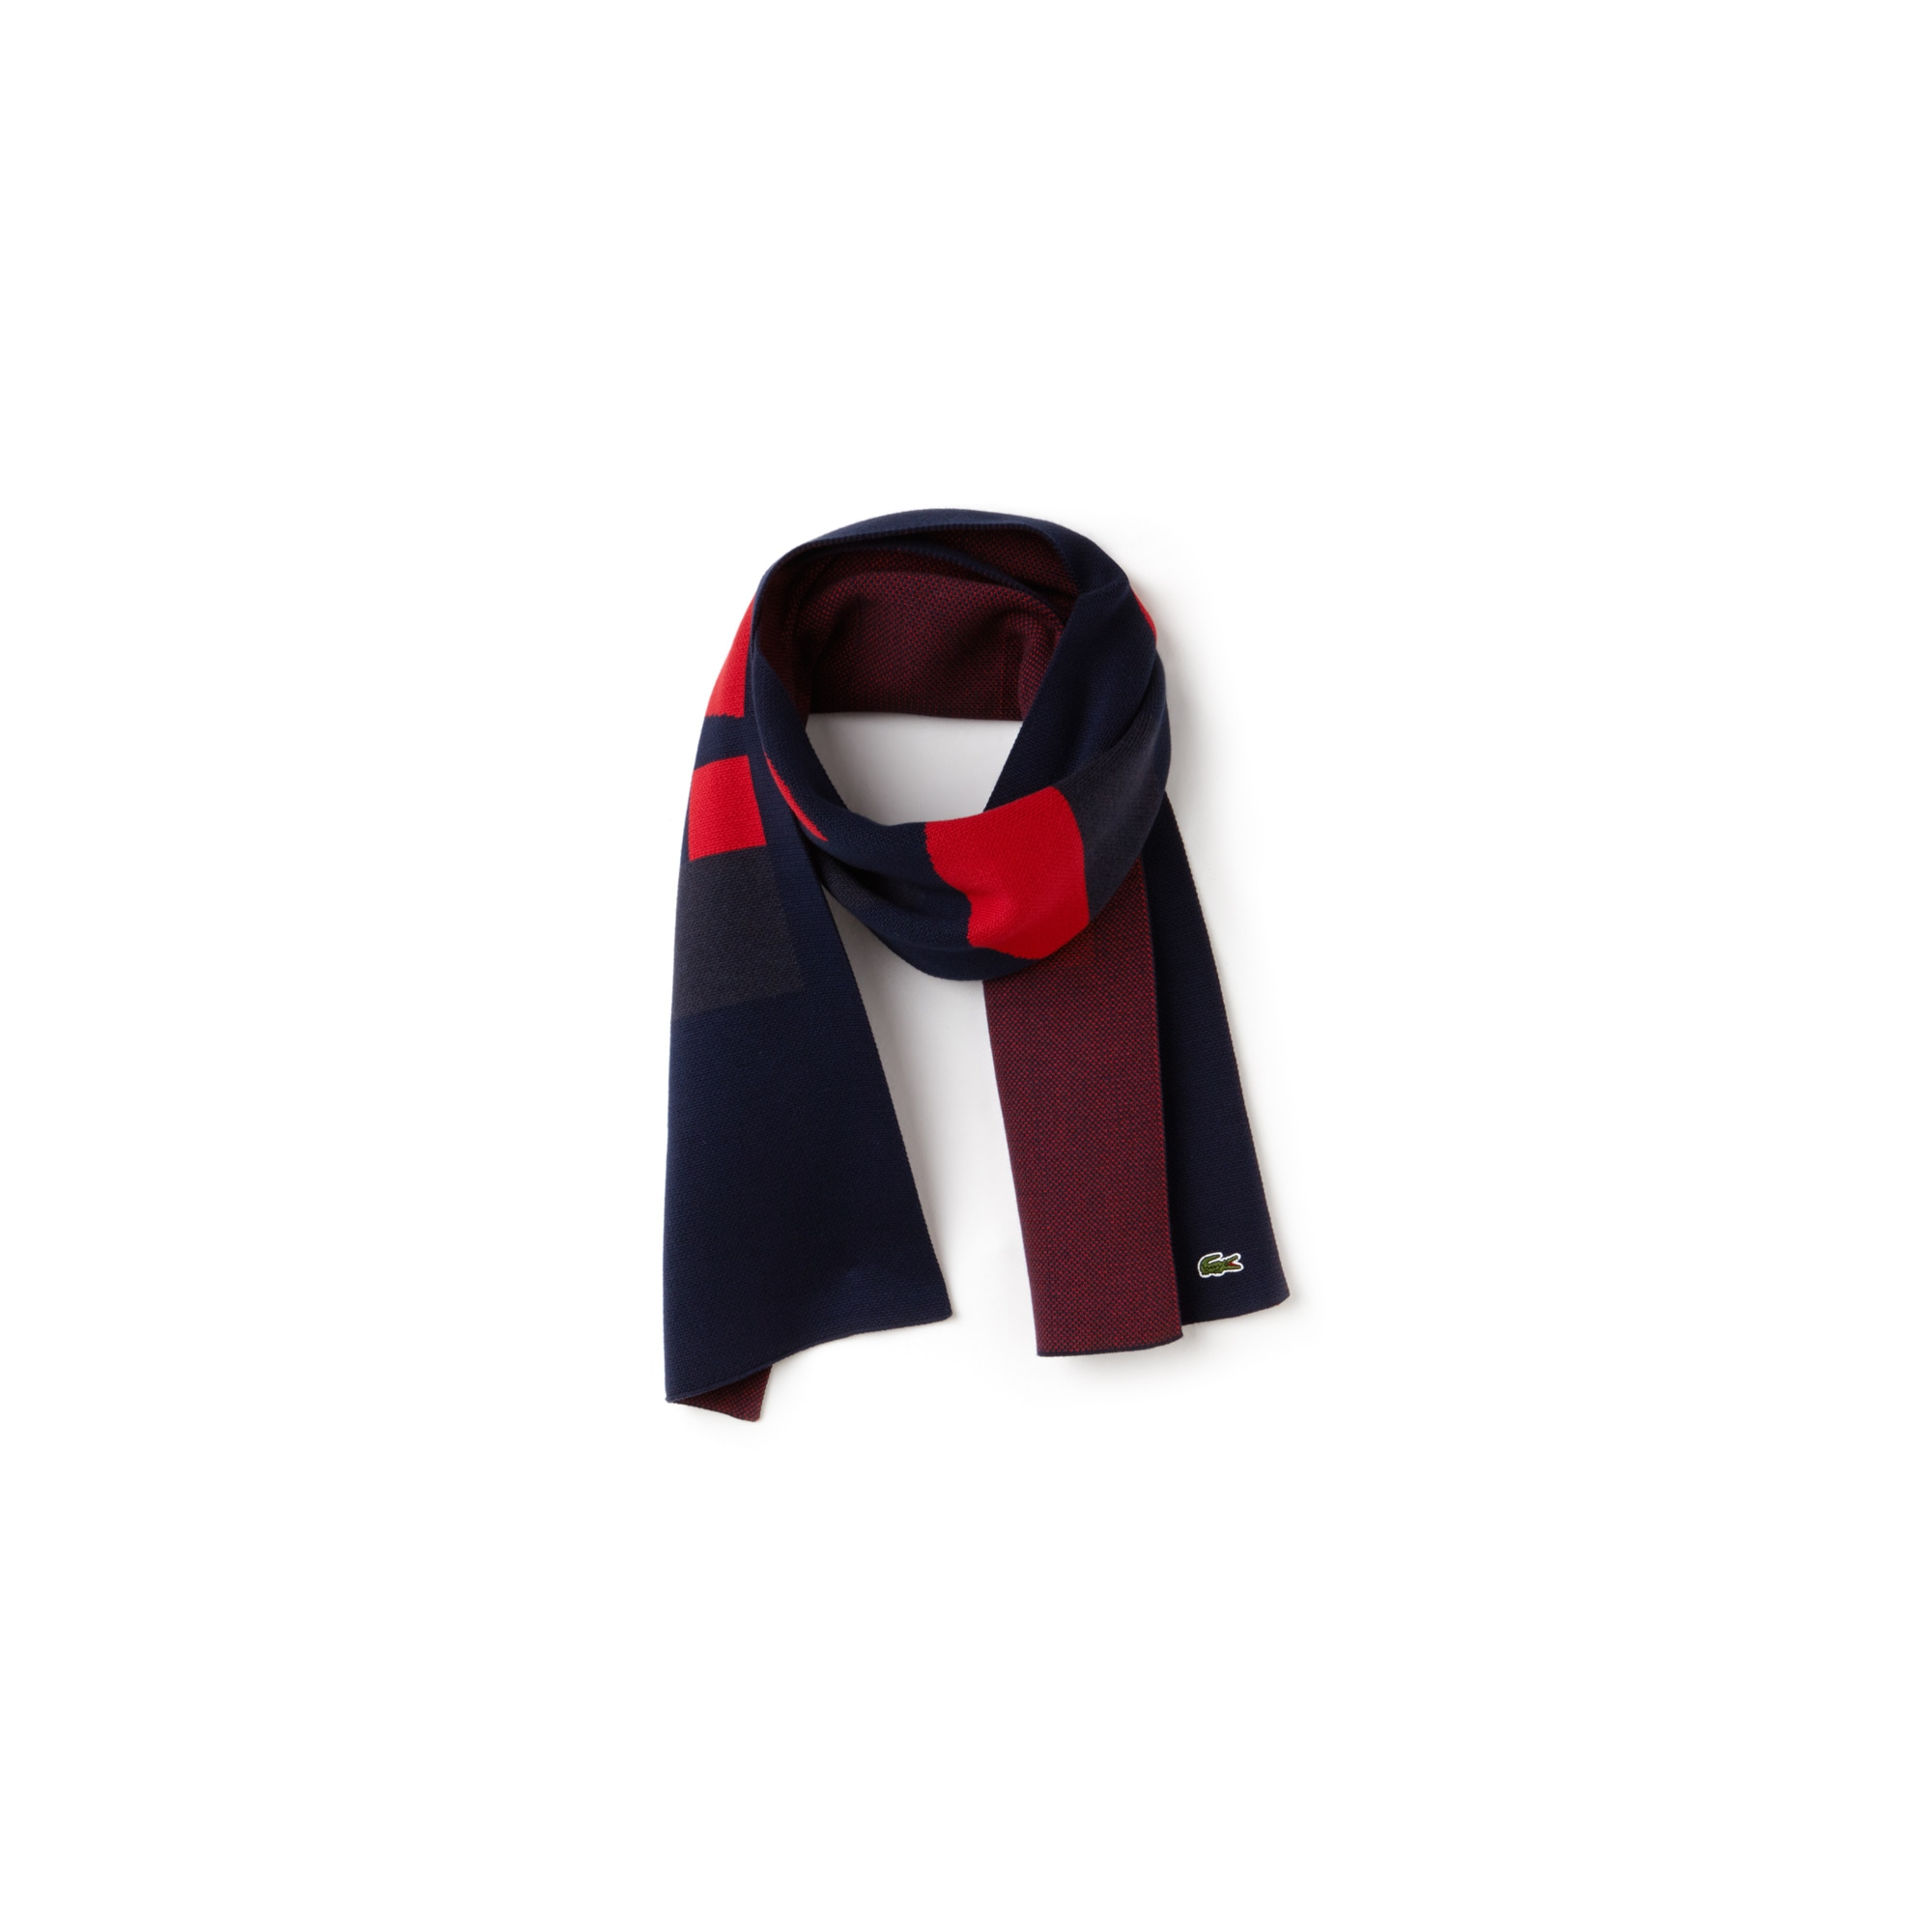 Sciarpa in jacquard con marchio Lacoste color block